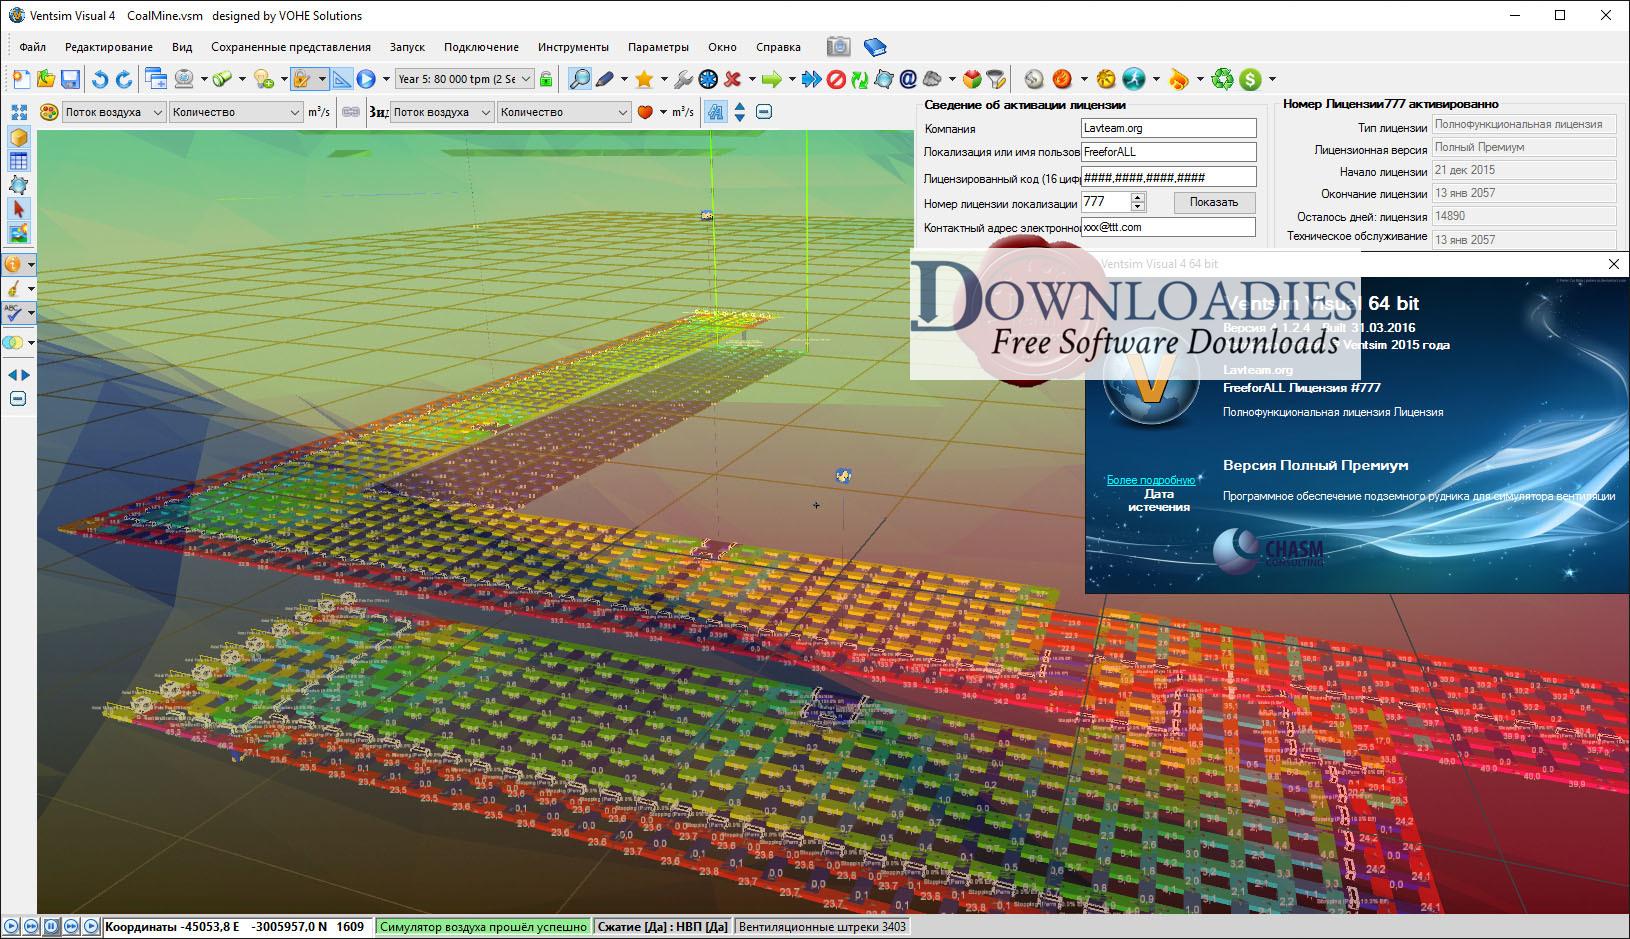 Chasm Consulting VentSim Premium Design 5.1 free download